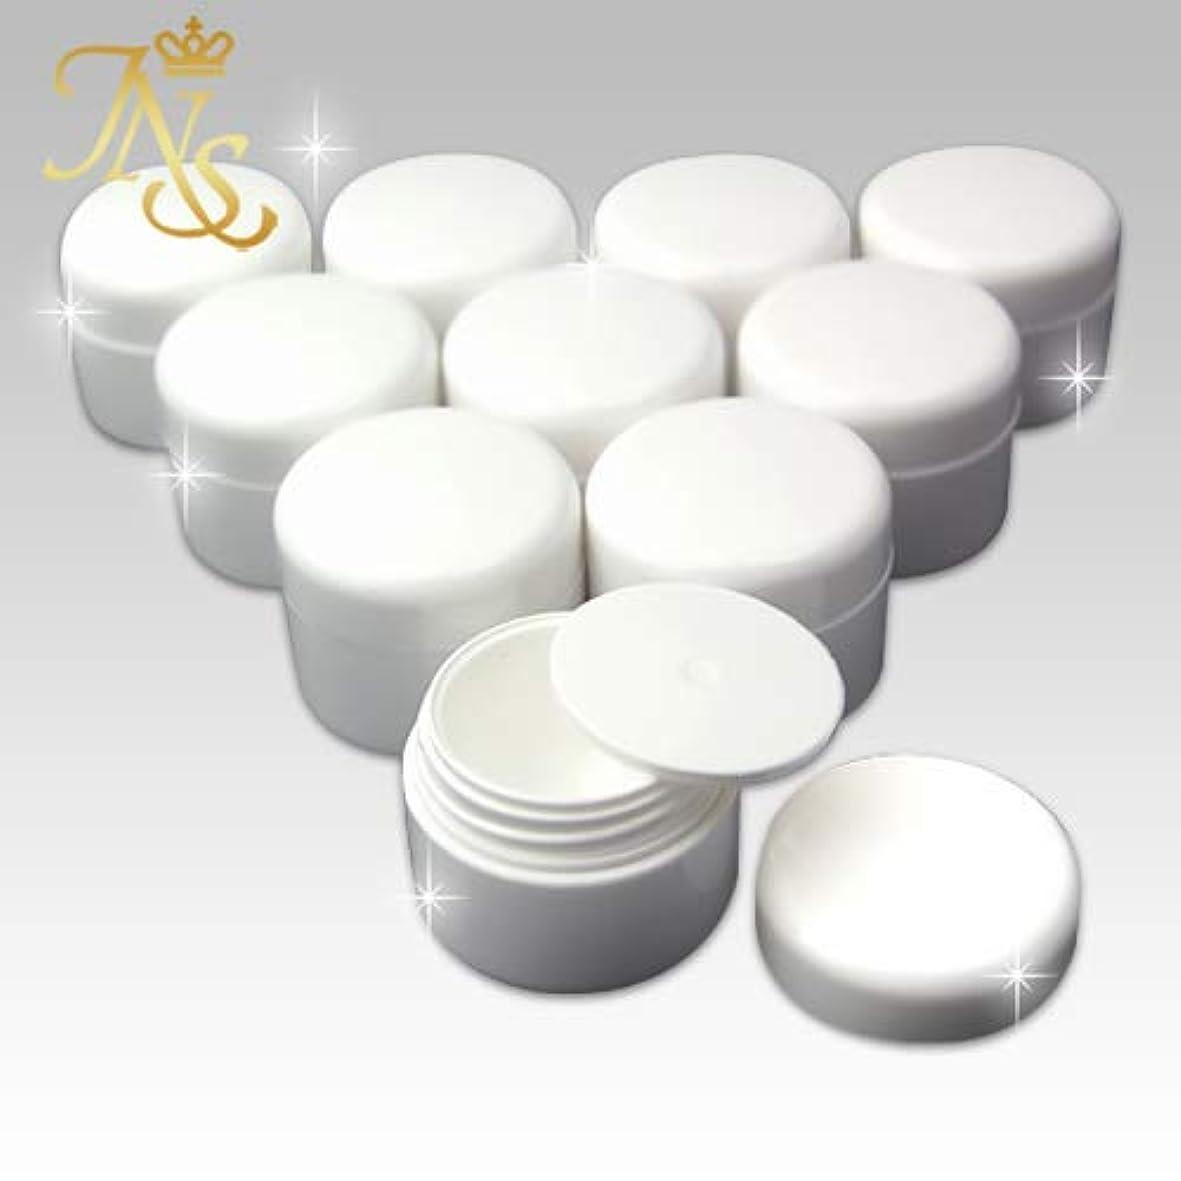 健全くぼみ単位ジェルネイル コンテナー カラージェルの保管や小物入れに大変便利な、10個セット内蓋付